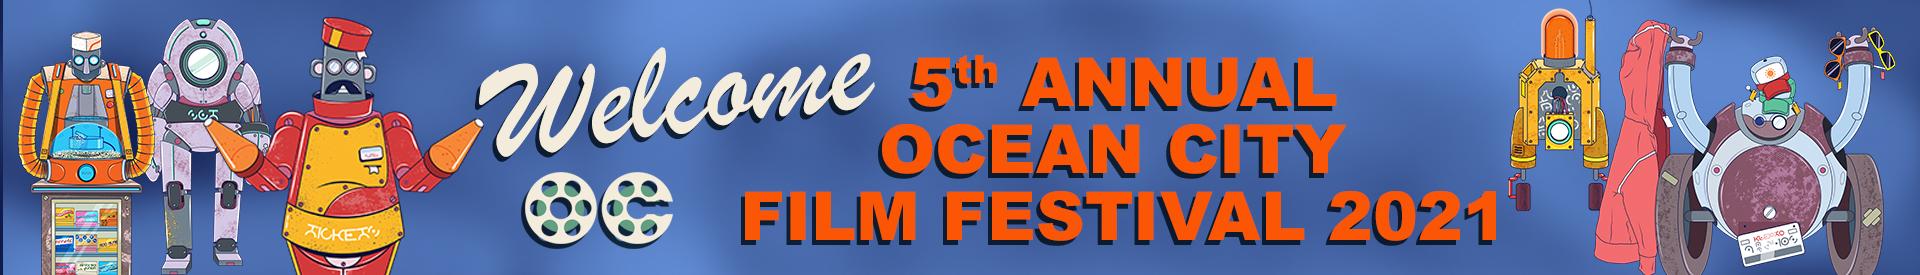 2021 Ocean City Film Festival